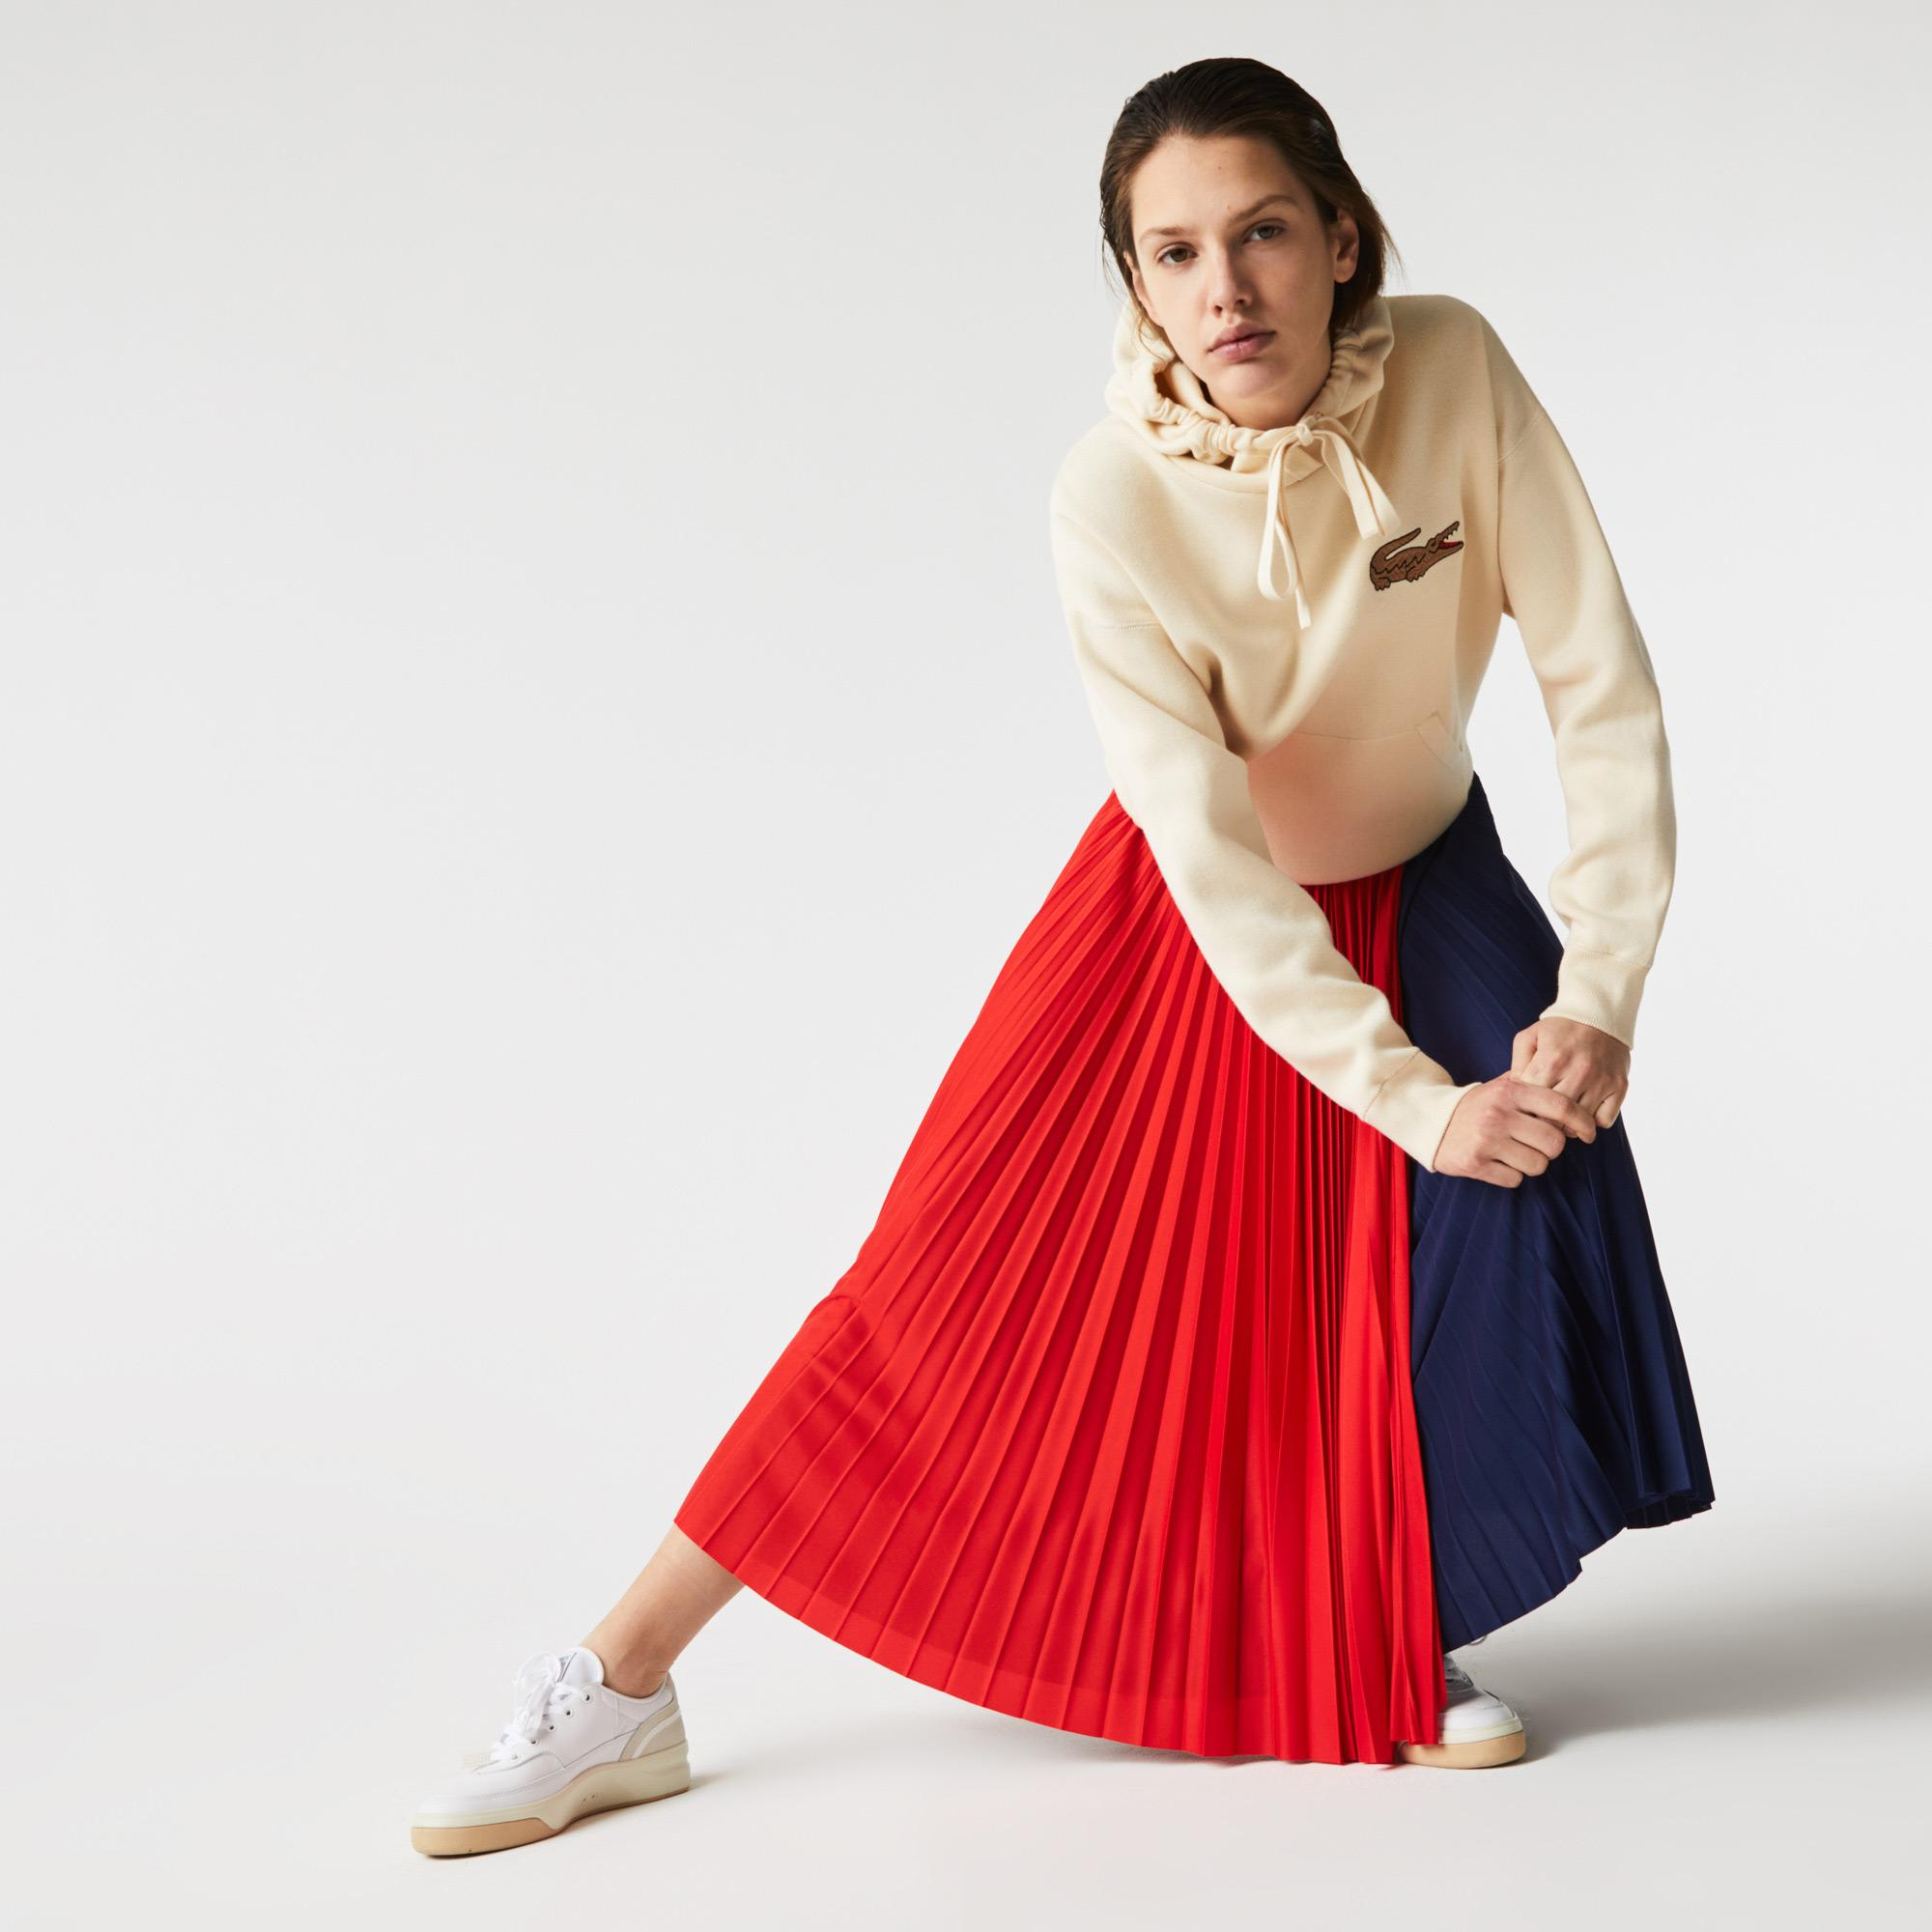 Lacoste Damska plisowana spódnica midi w bloki kolorystyczne